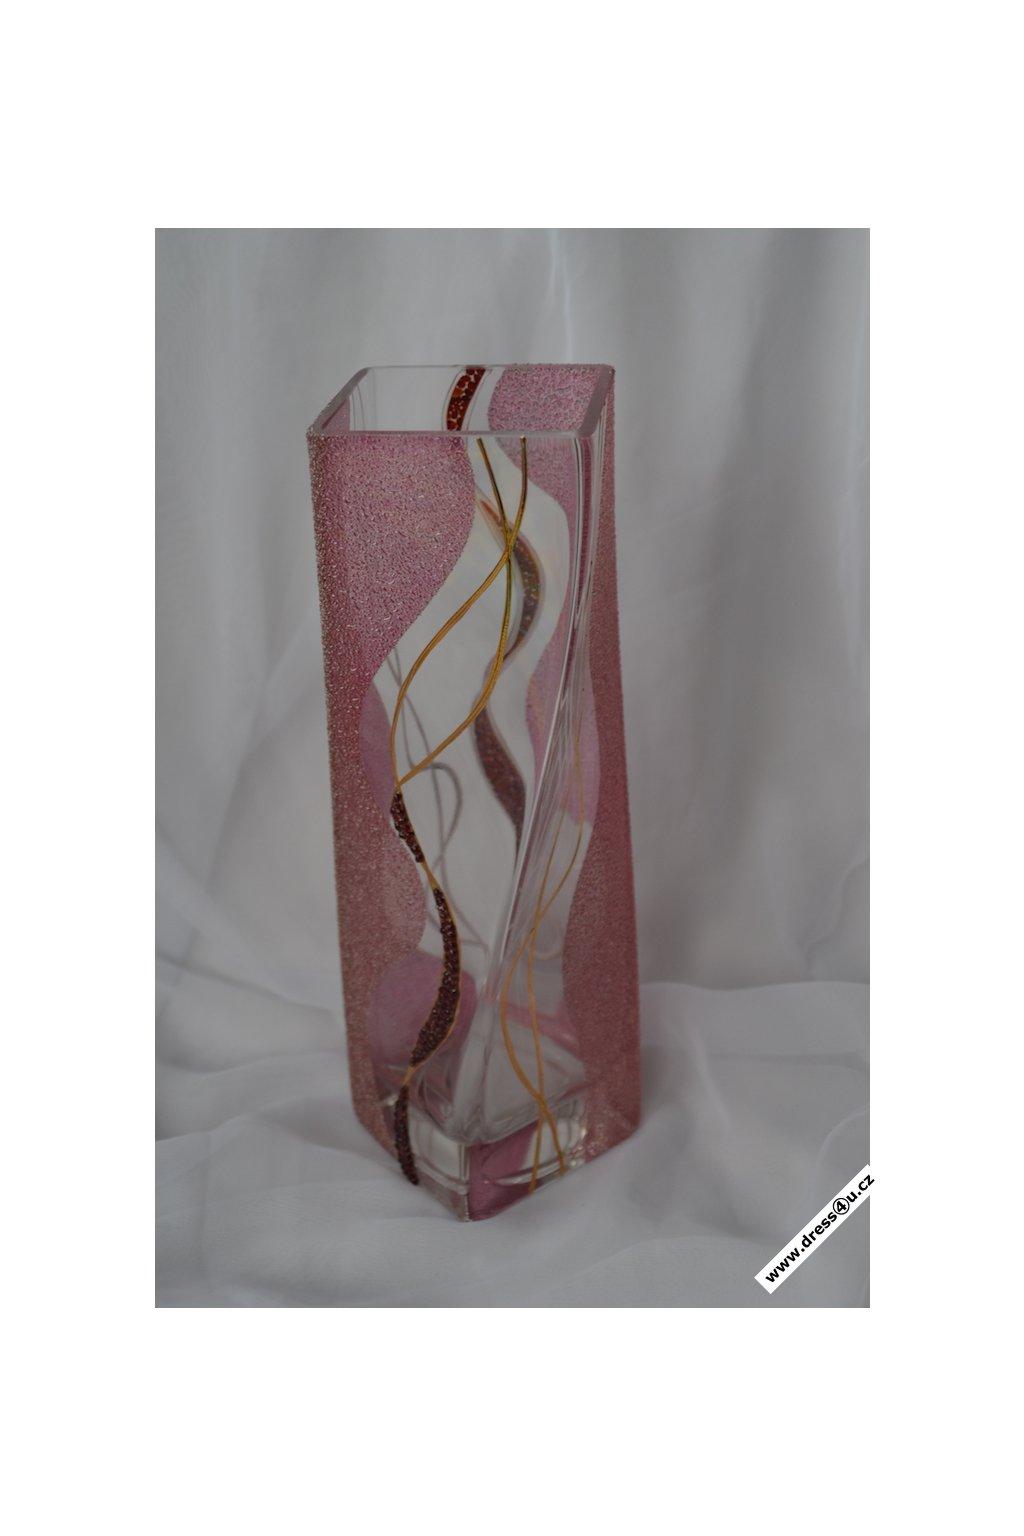 Skleněná váza s granátky